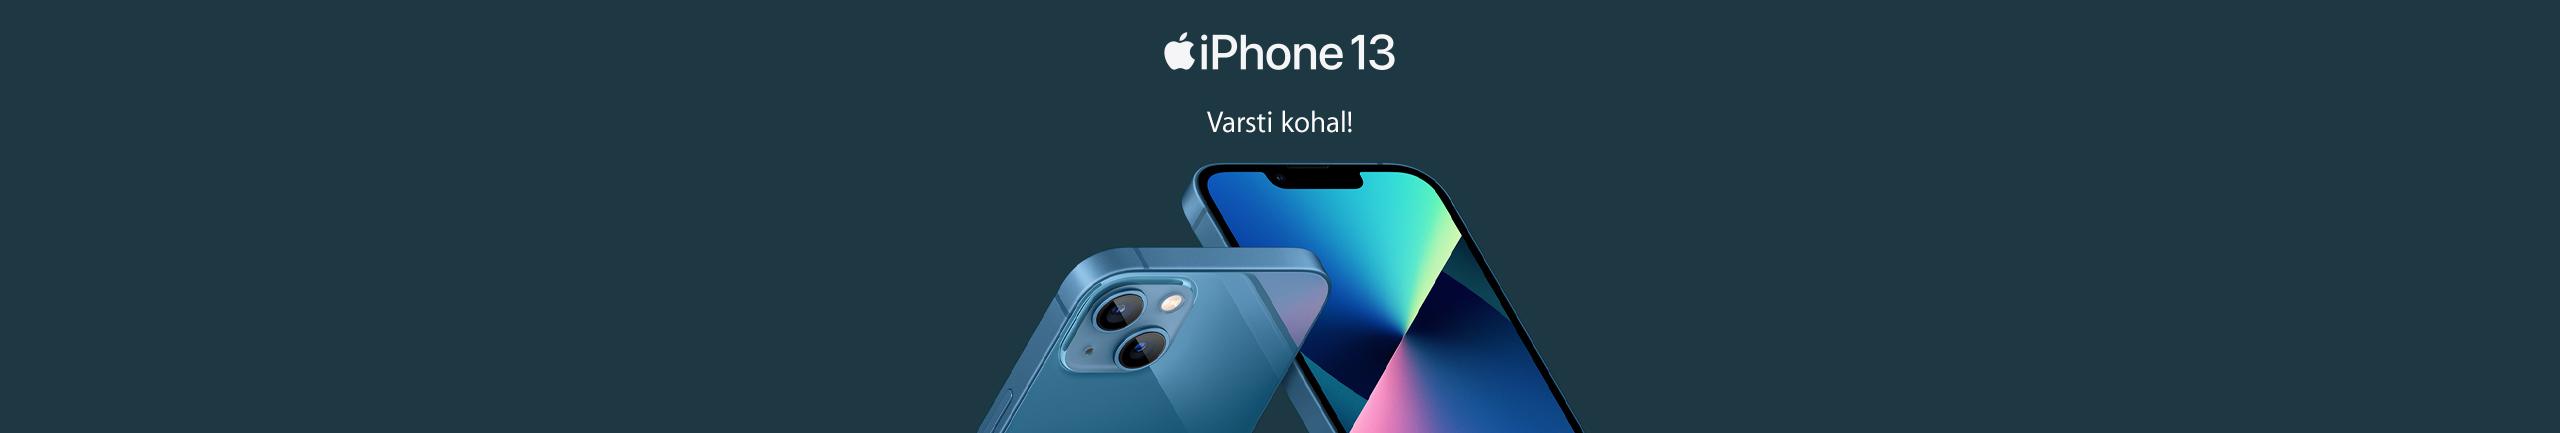 FPS Apple iPhone 13 ja iPhone 13 mini varsti kohal